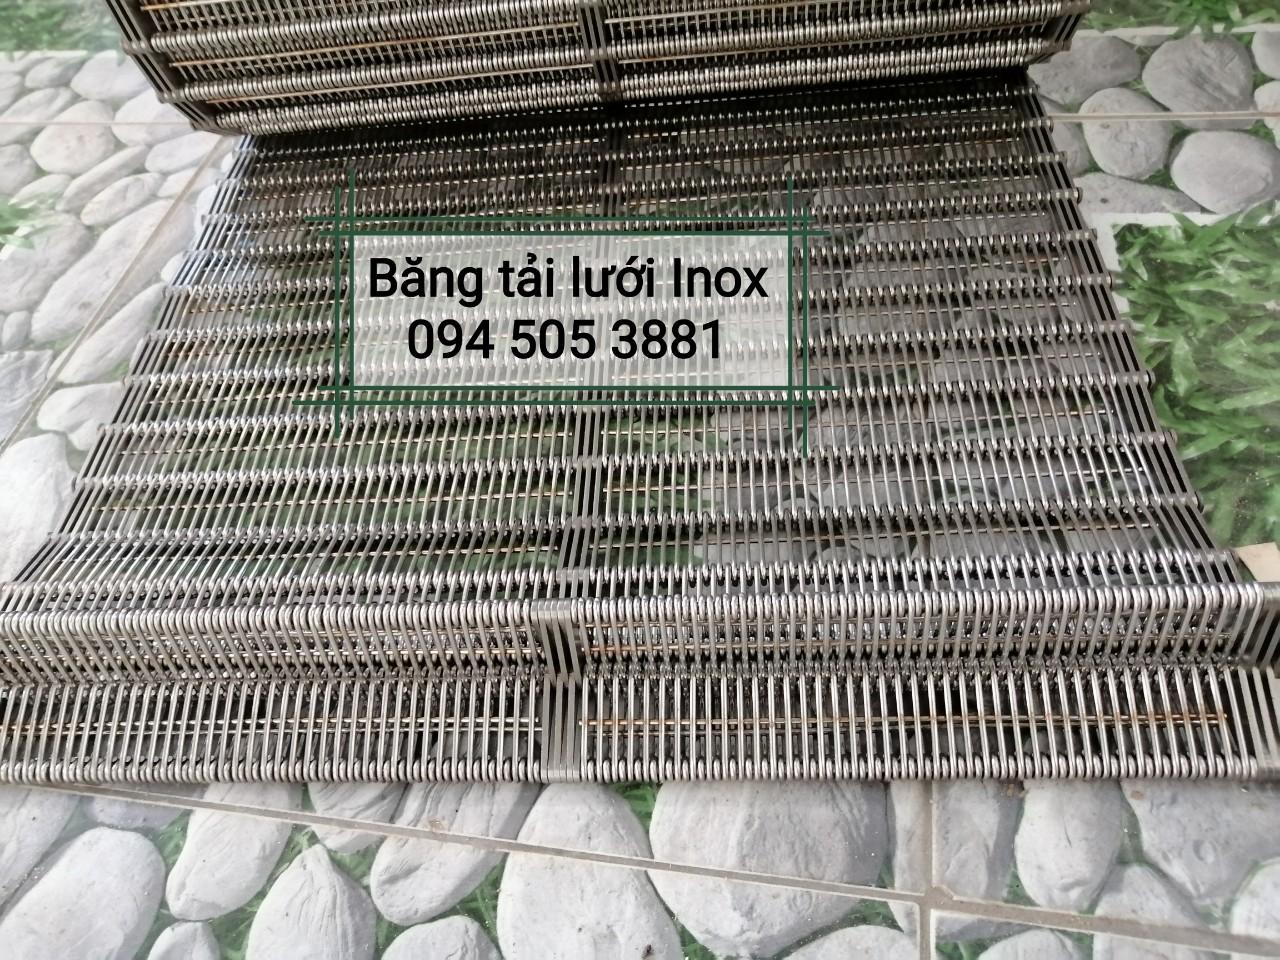 Băng tải lưới inox 304 chịu nhiệt và chịu hóa chất